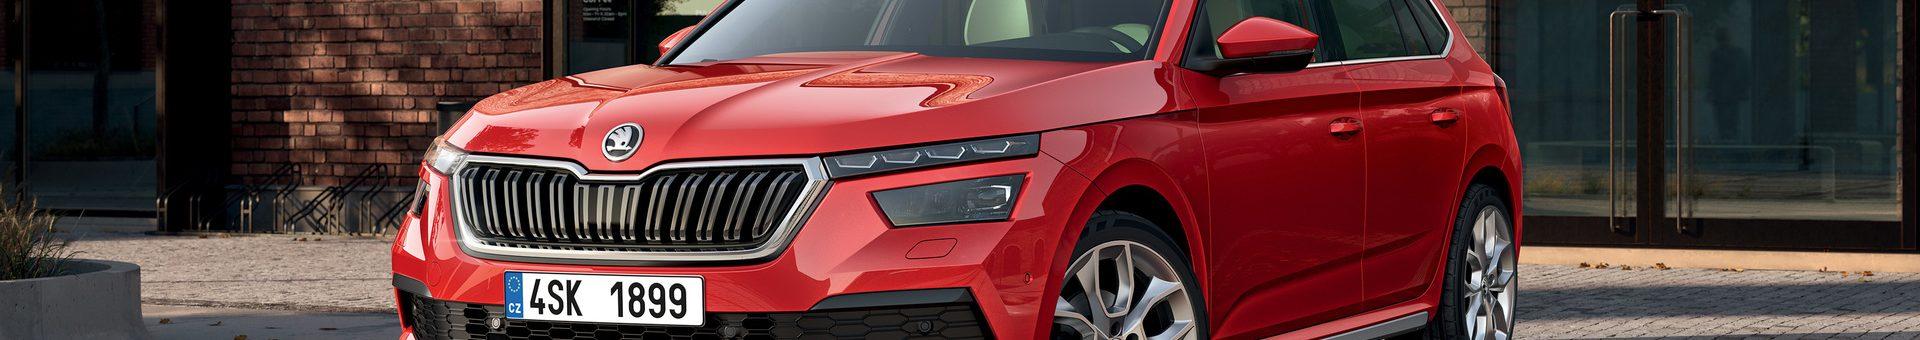 Škoda KAMIQ - První crossover Škoda